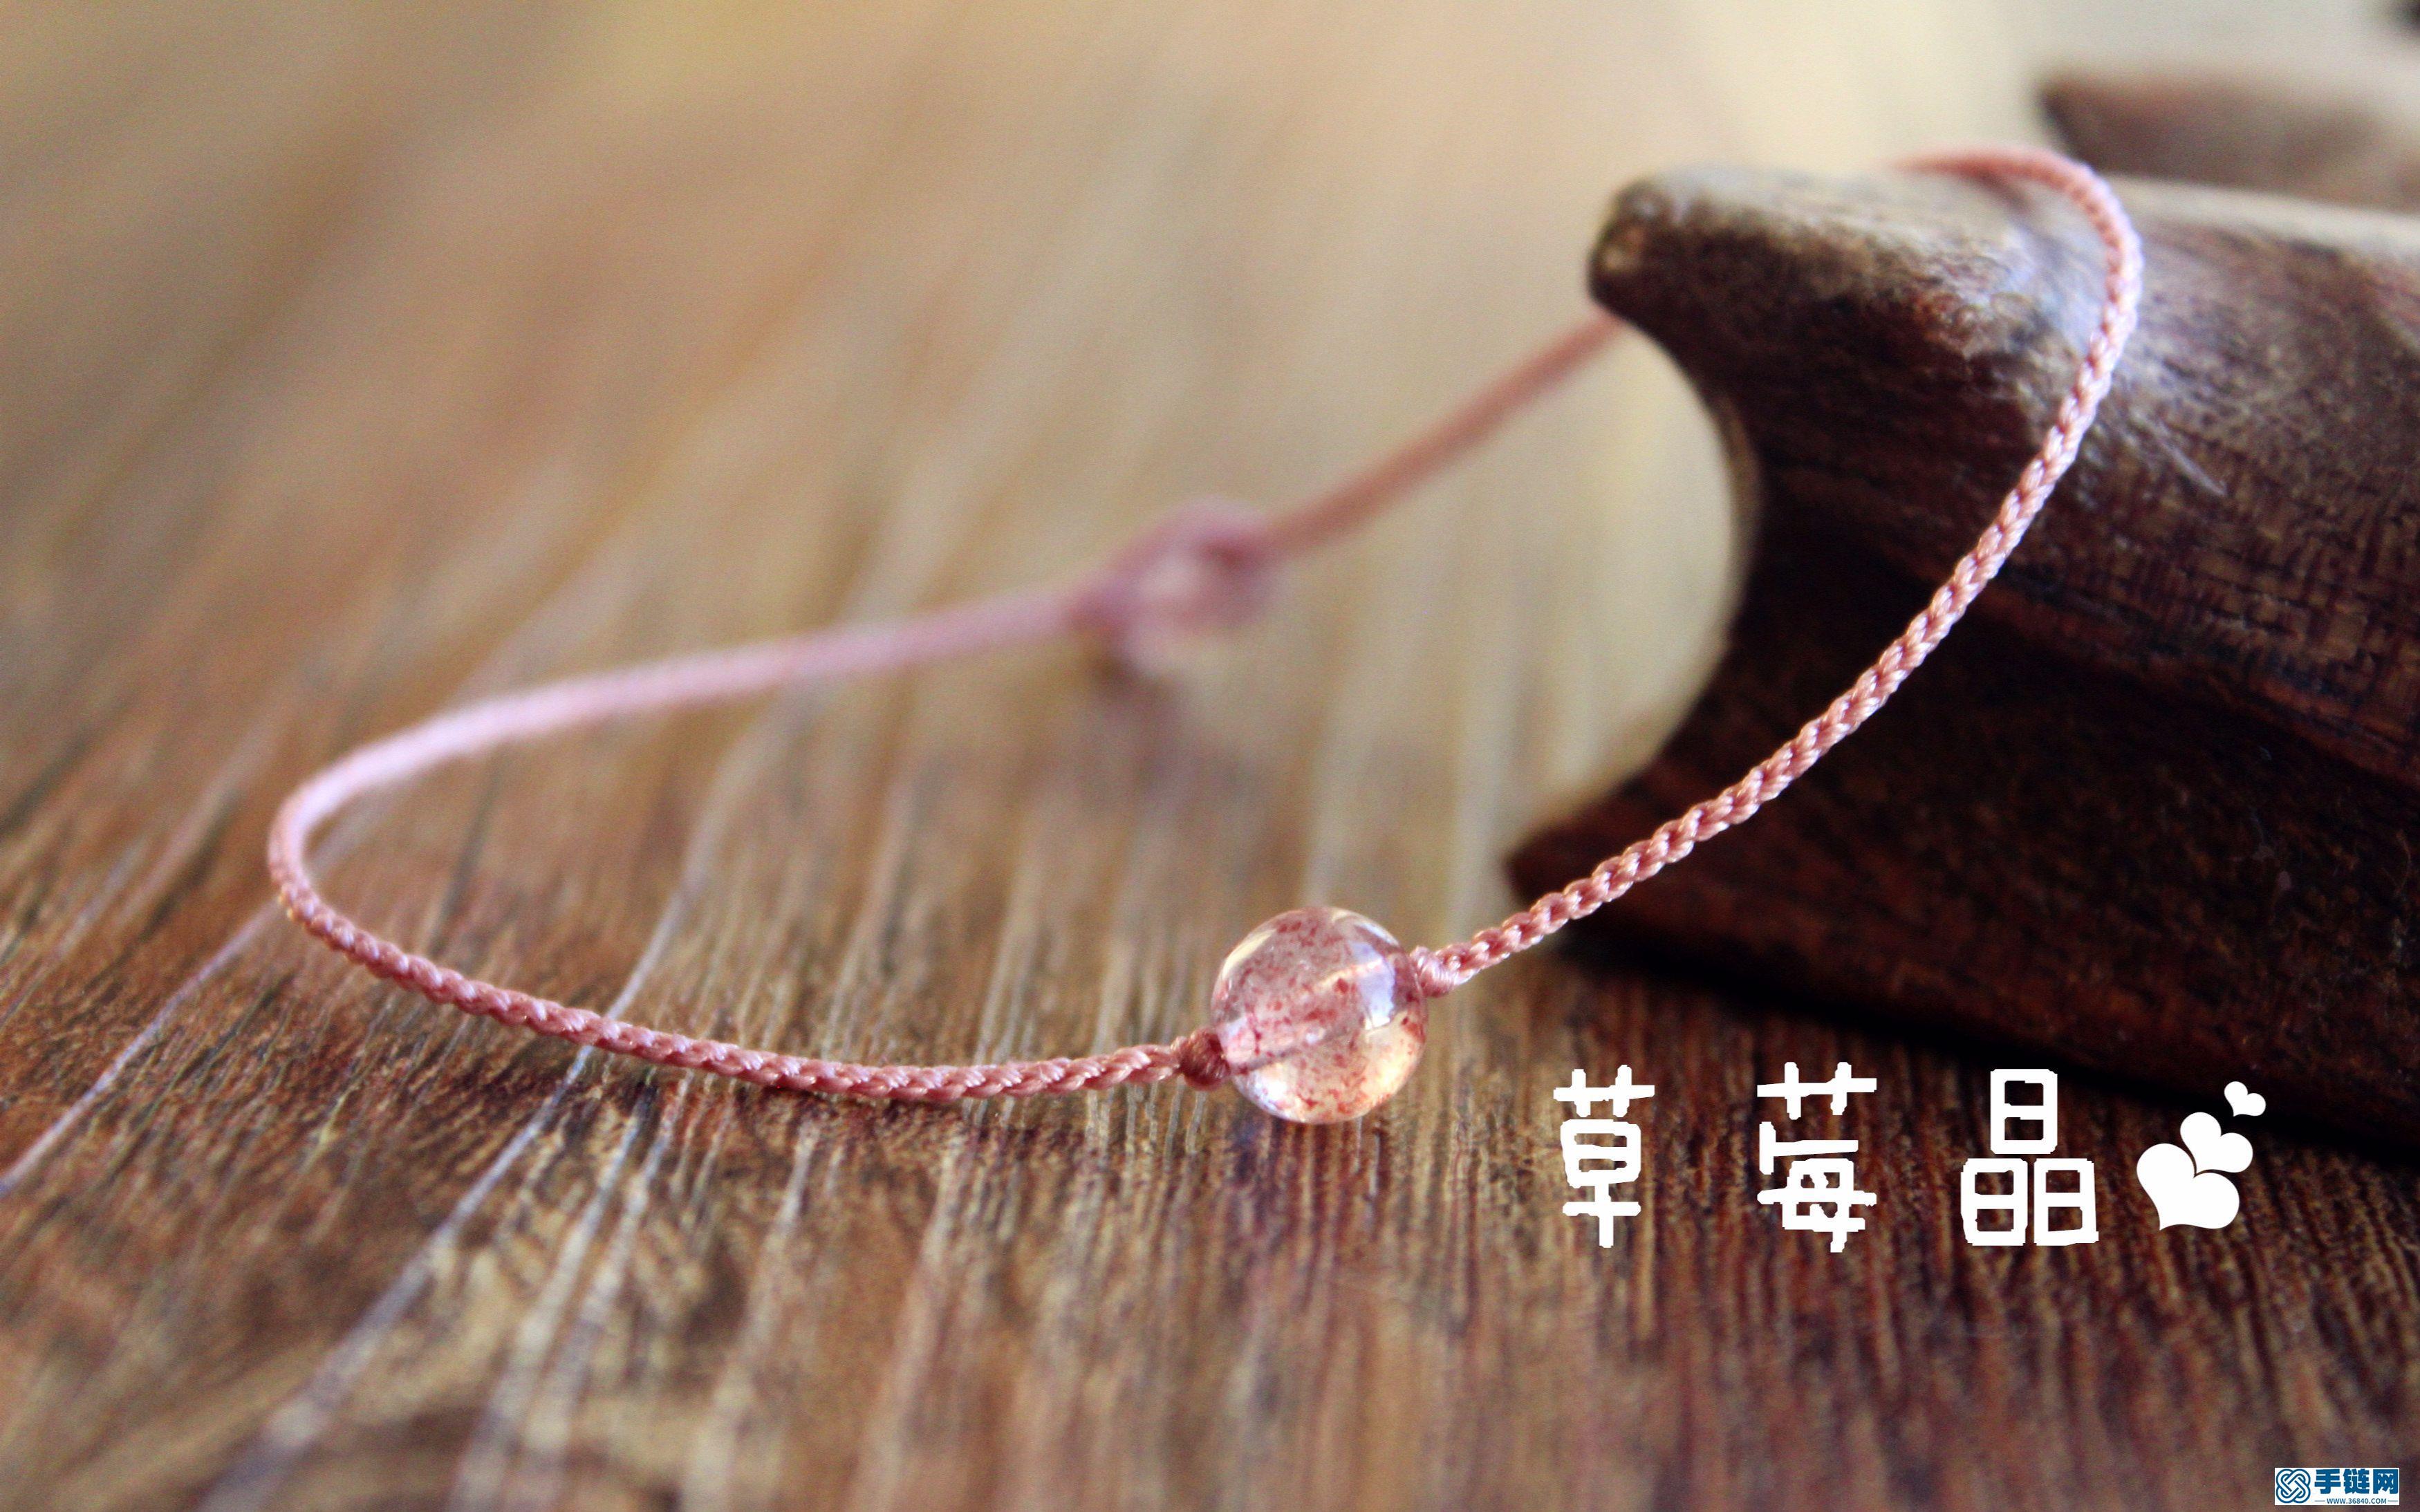 蔷薇 稀有老矿草莓晶极细手绳diy视频教程 女生招桃花手链